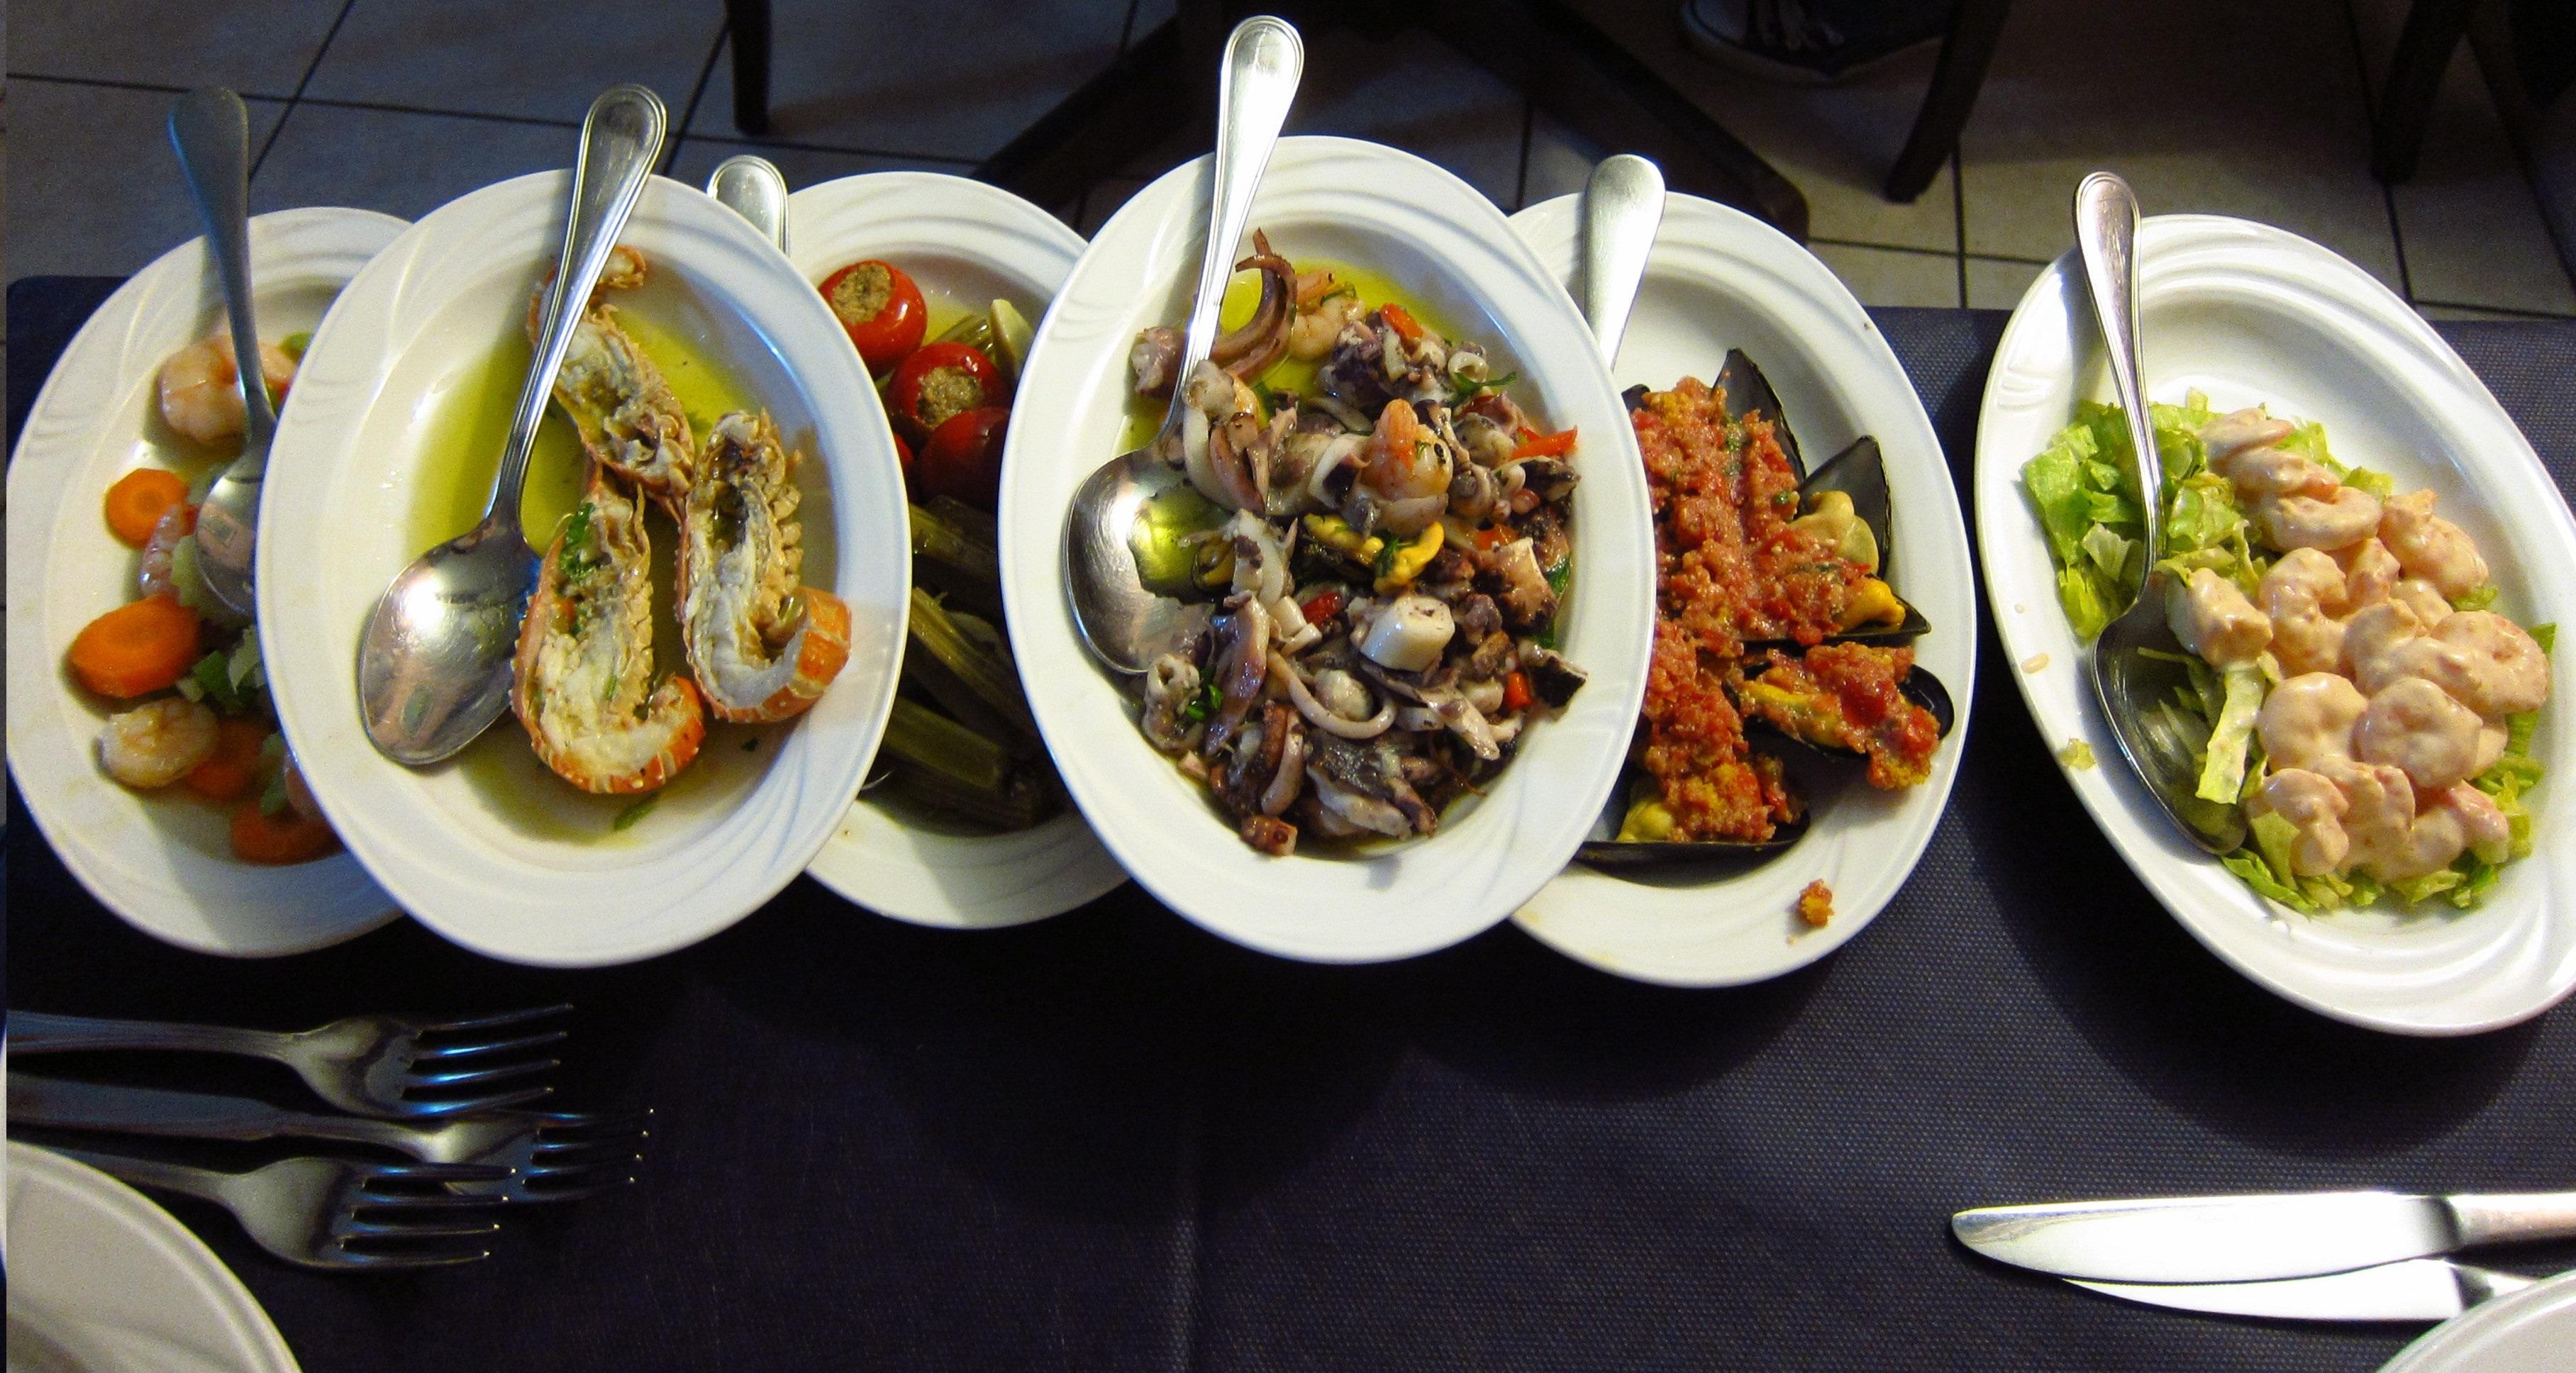 Diet Food Restaurant